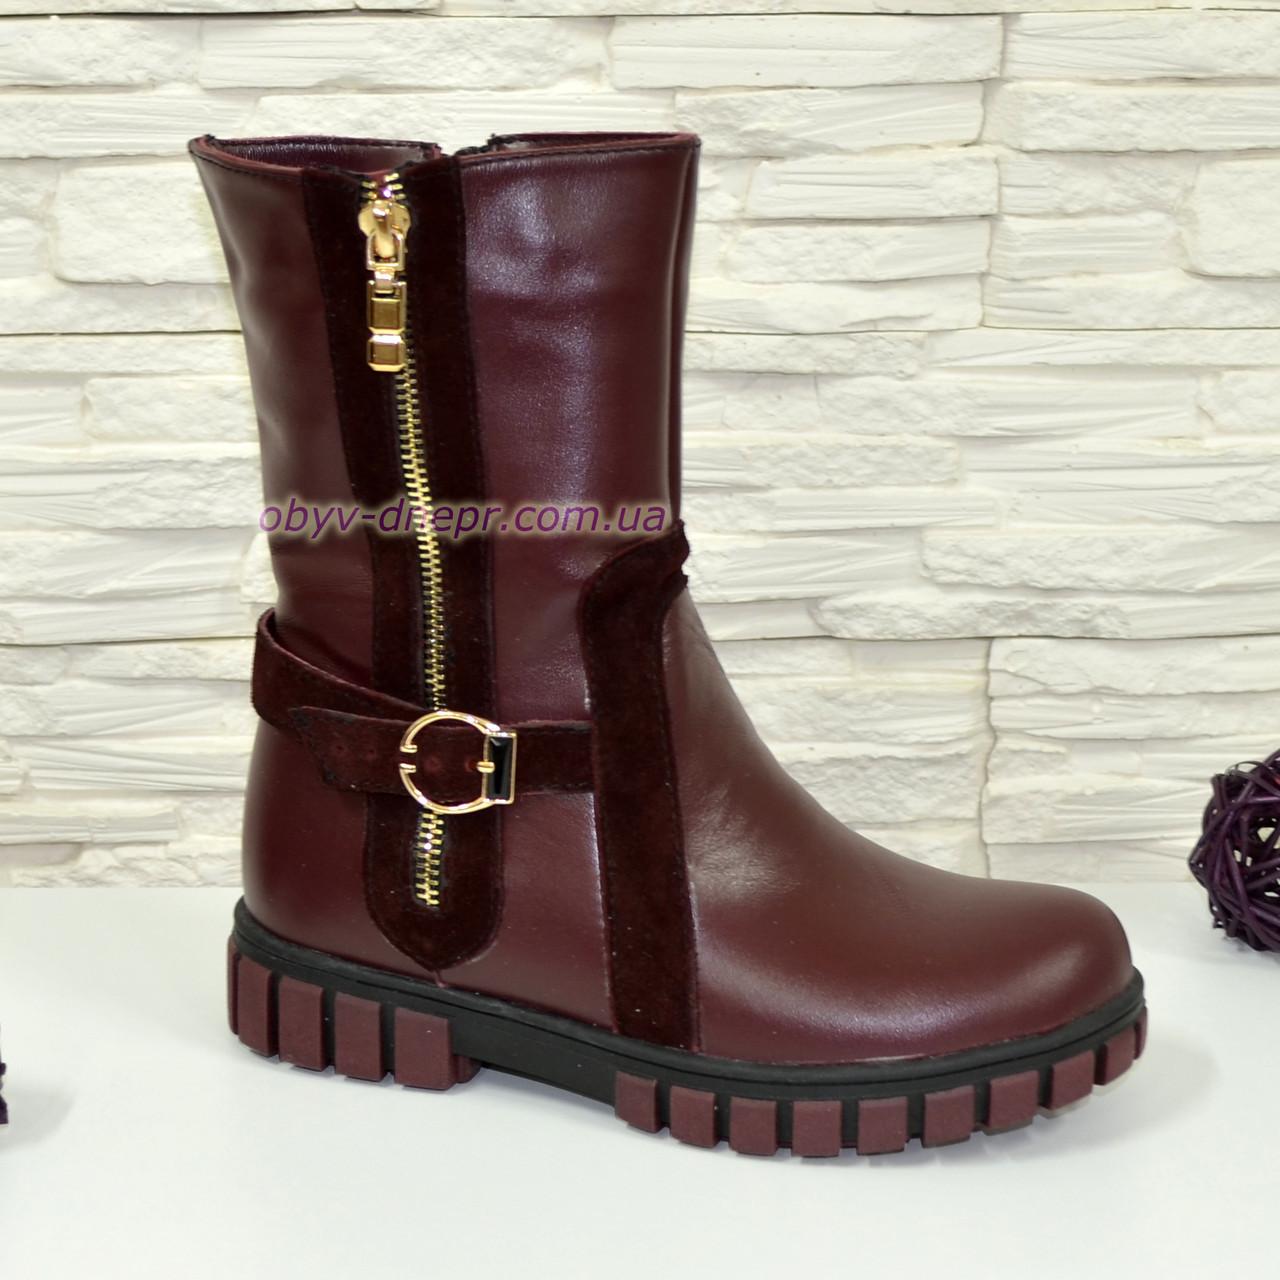 Ботинки бордовые подростковые, для девочек, на утолщённой подошве